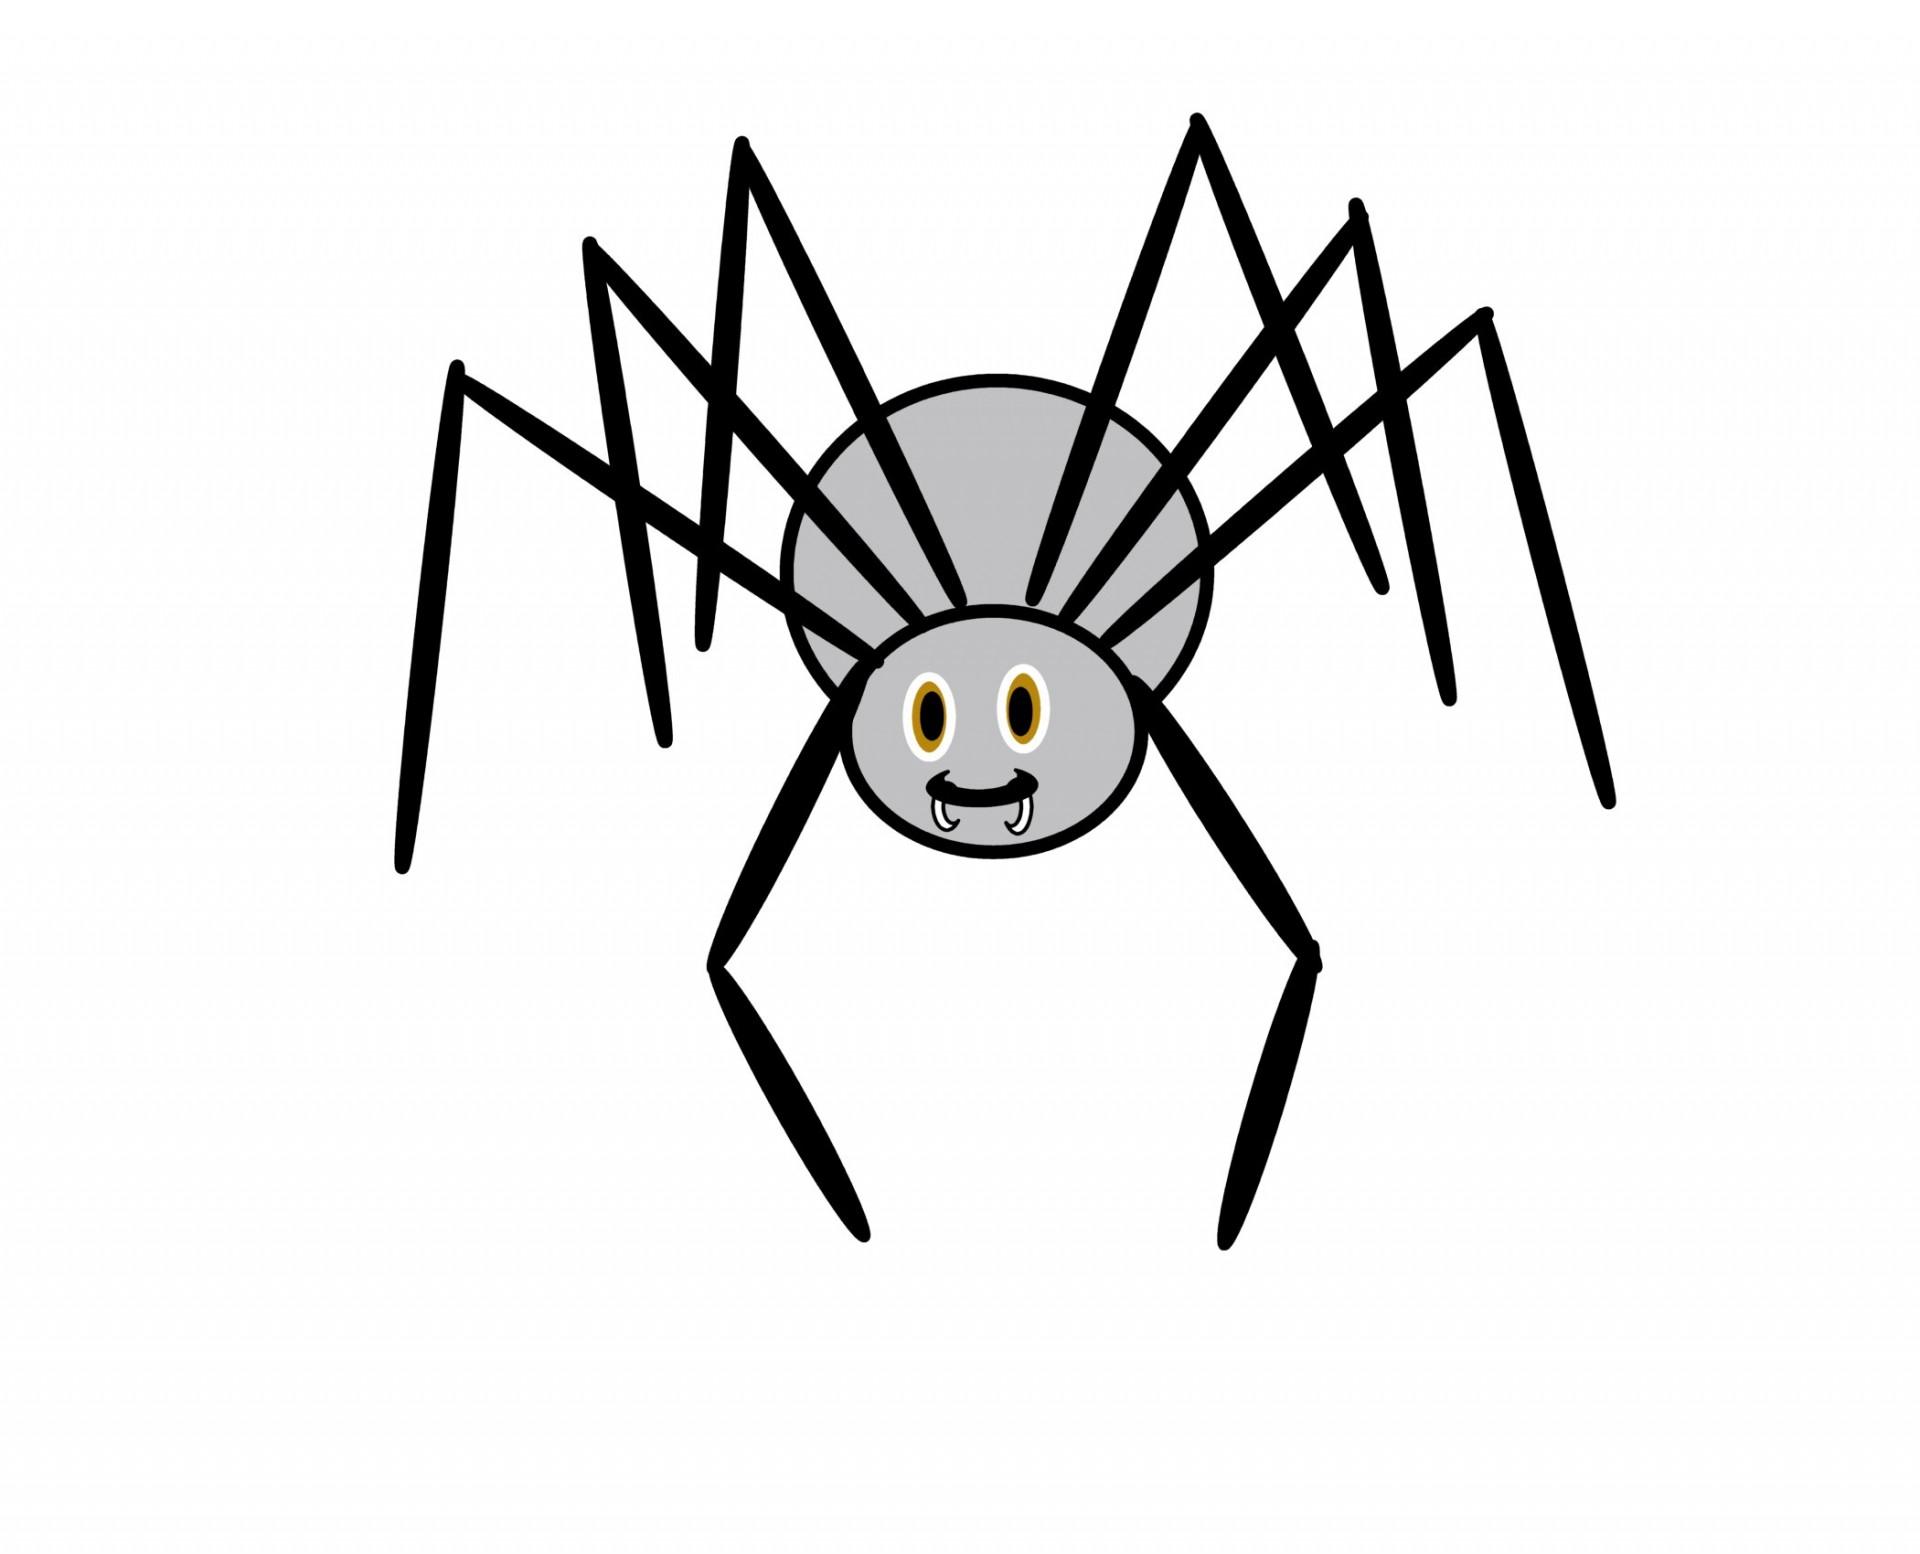 1920x1554 Spider clipart